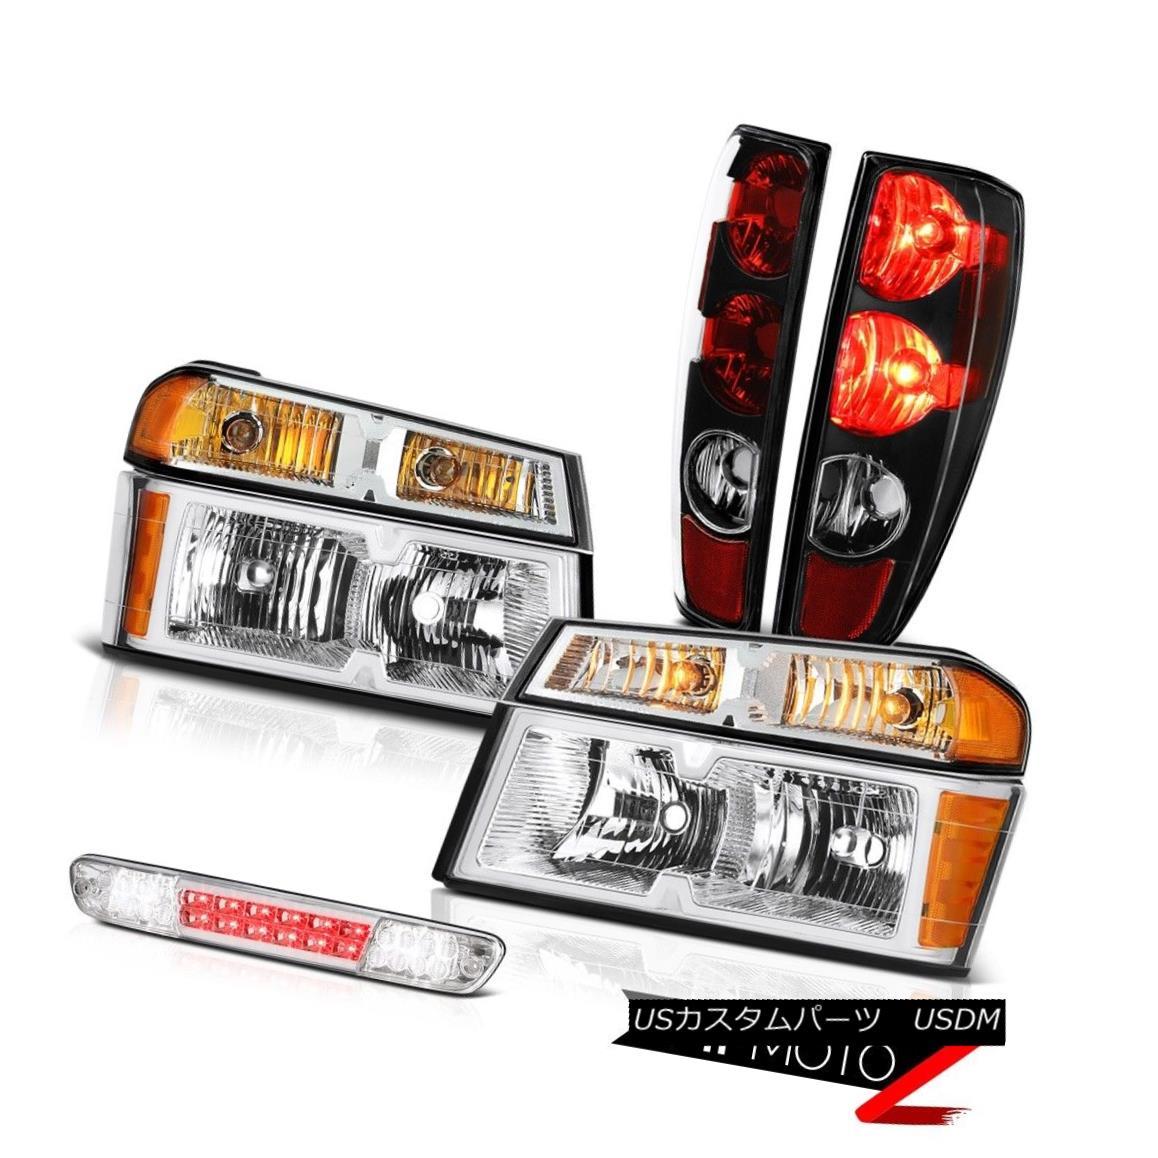 ヘッドライト 04 05 06 07-12 Colorado Black Tail Light Clear Chrome Set Head Led 3Rd Brake L+R 04 05 06 07-12コロラドブラックテールライトクリアクロムセットヘッドLed 3RdブレーキL + R